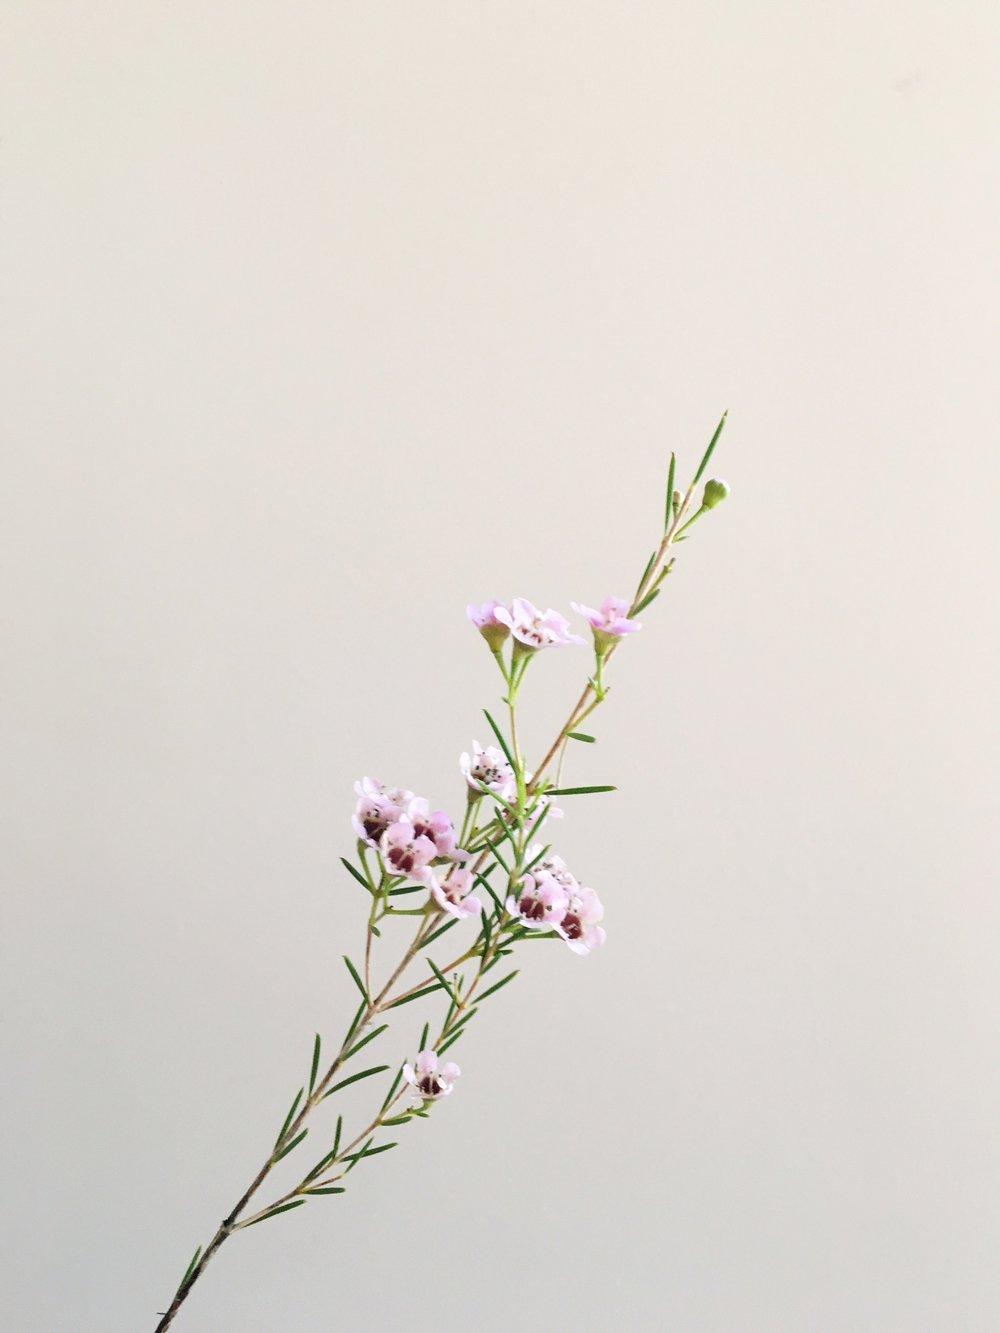 PALE PURPLE WAX FLOWER